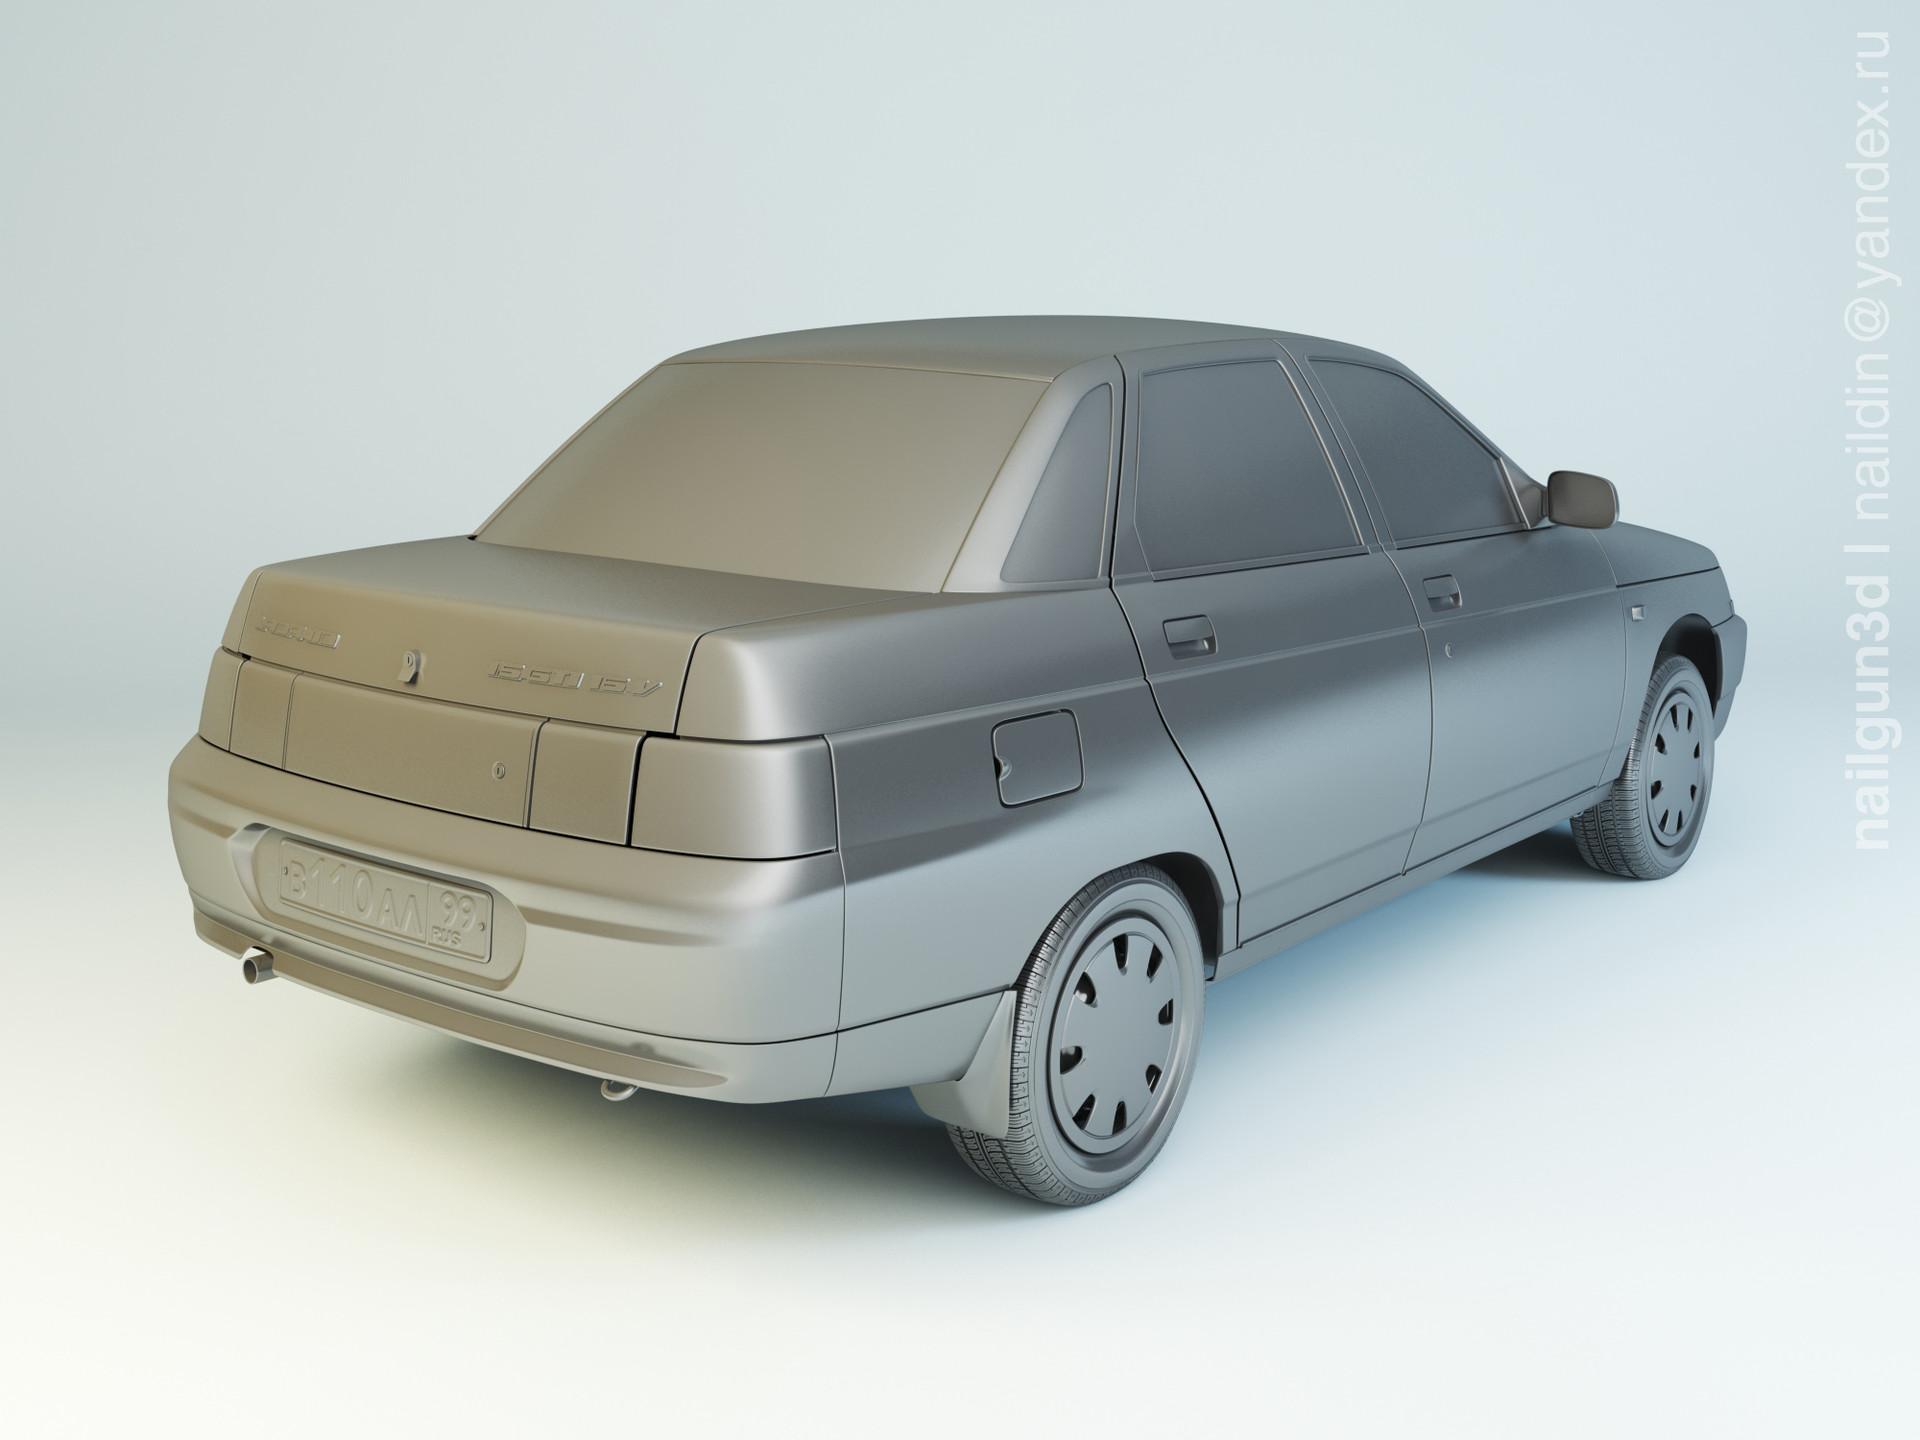 Nail khusnutdinov als 226 001 vaz 2110 modelling 1